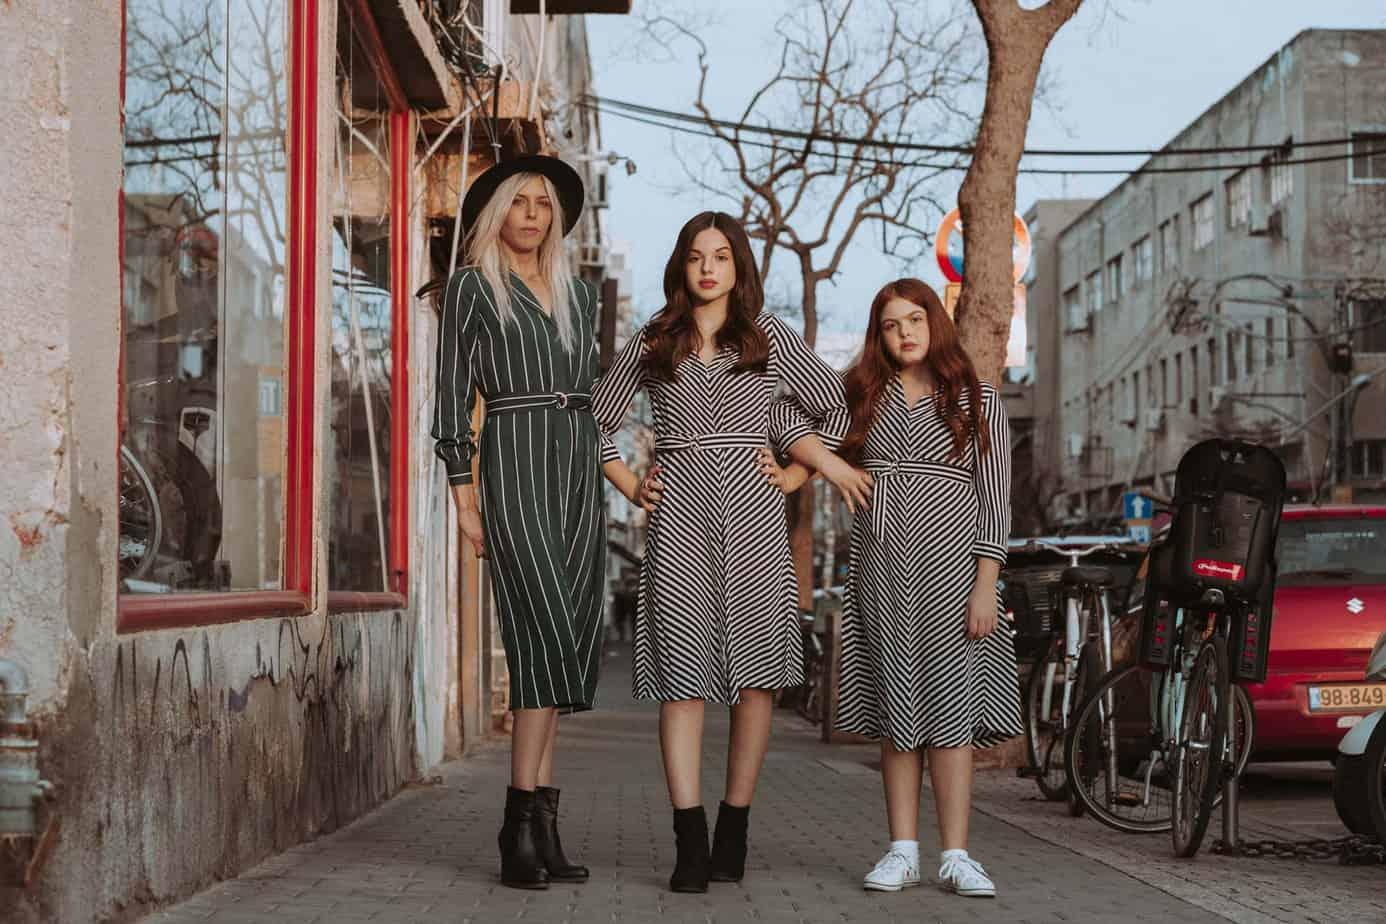 שמלות: H&M, כובע: מנגו. צילום: שלומית איציק - Fashion Israel - מגזין אופנה